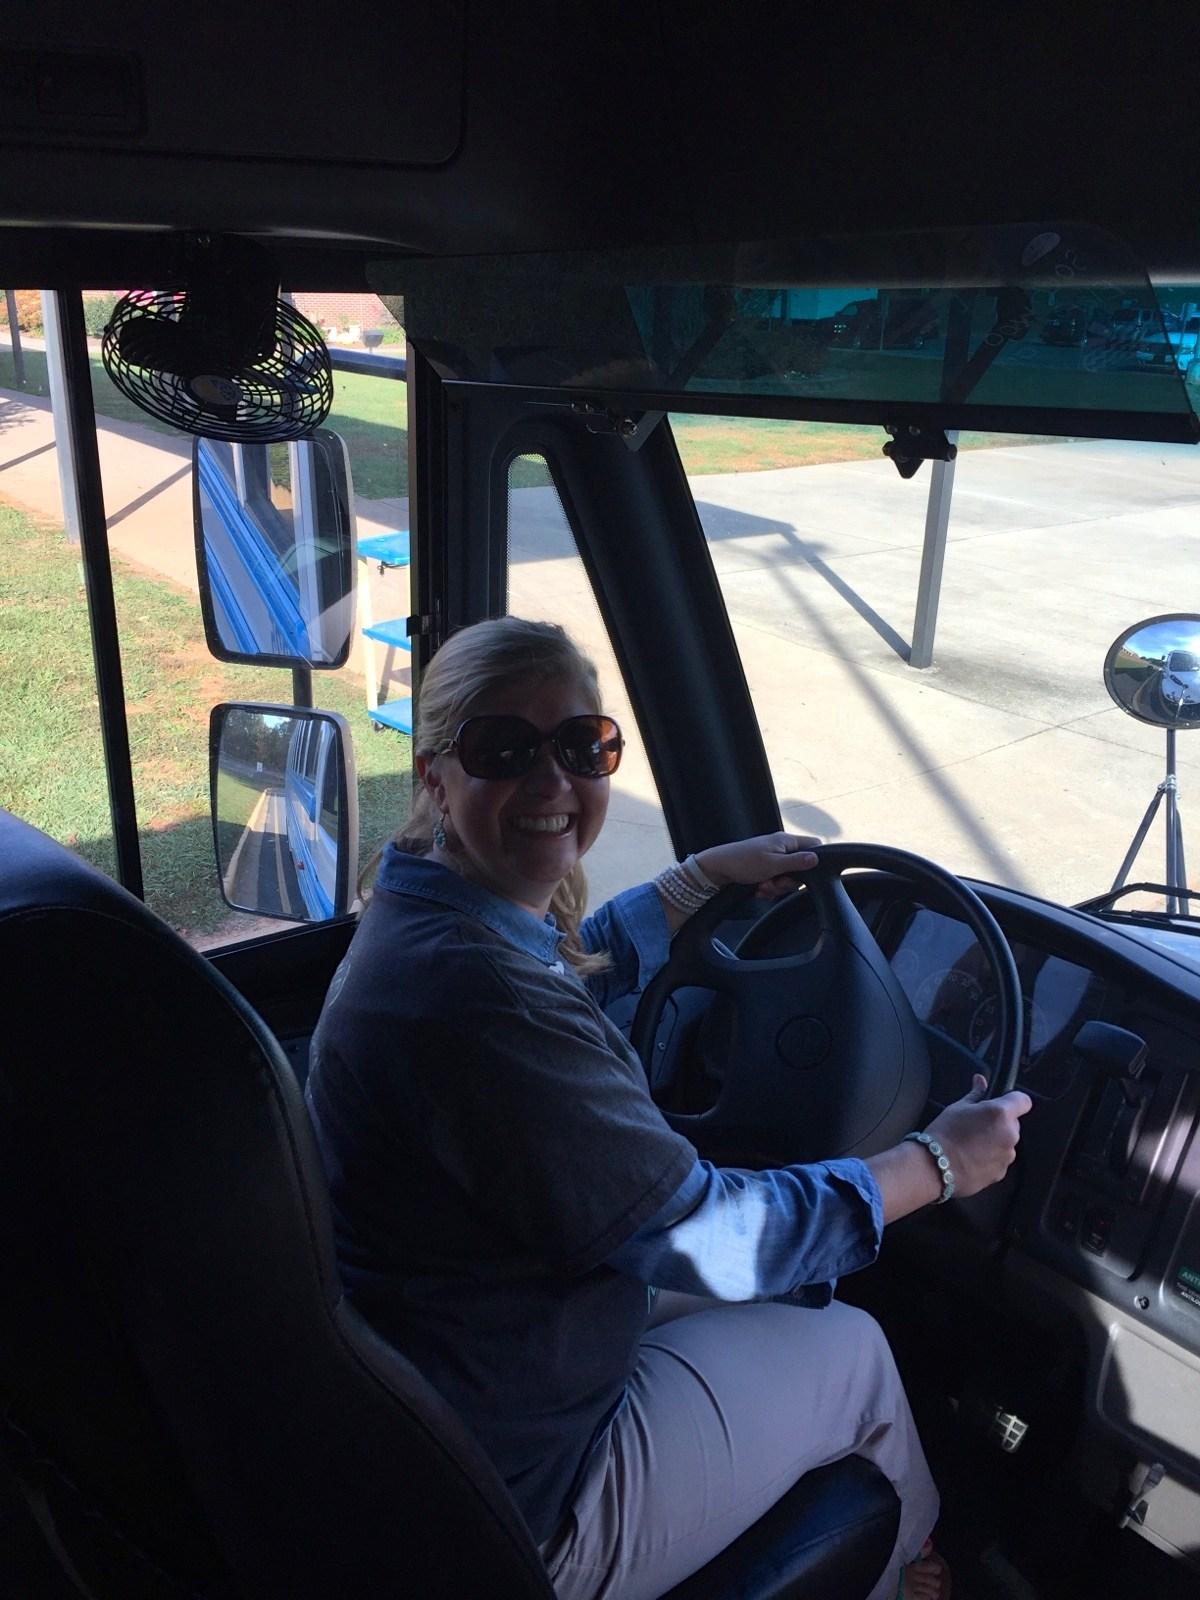 Principal Bus